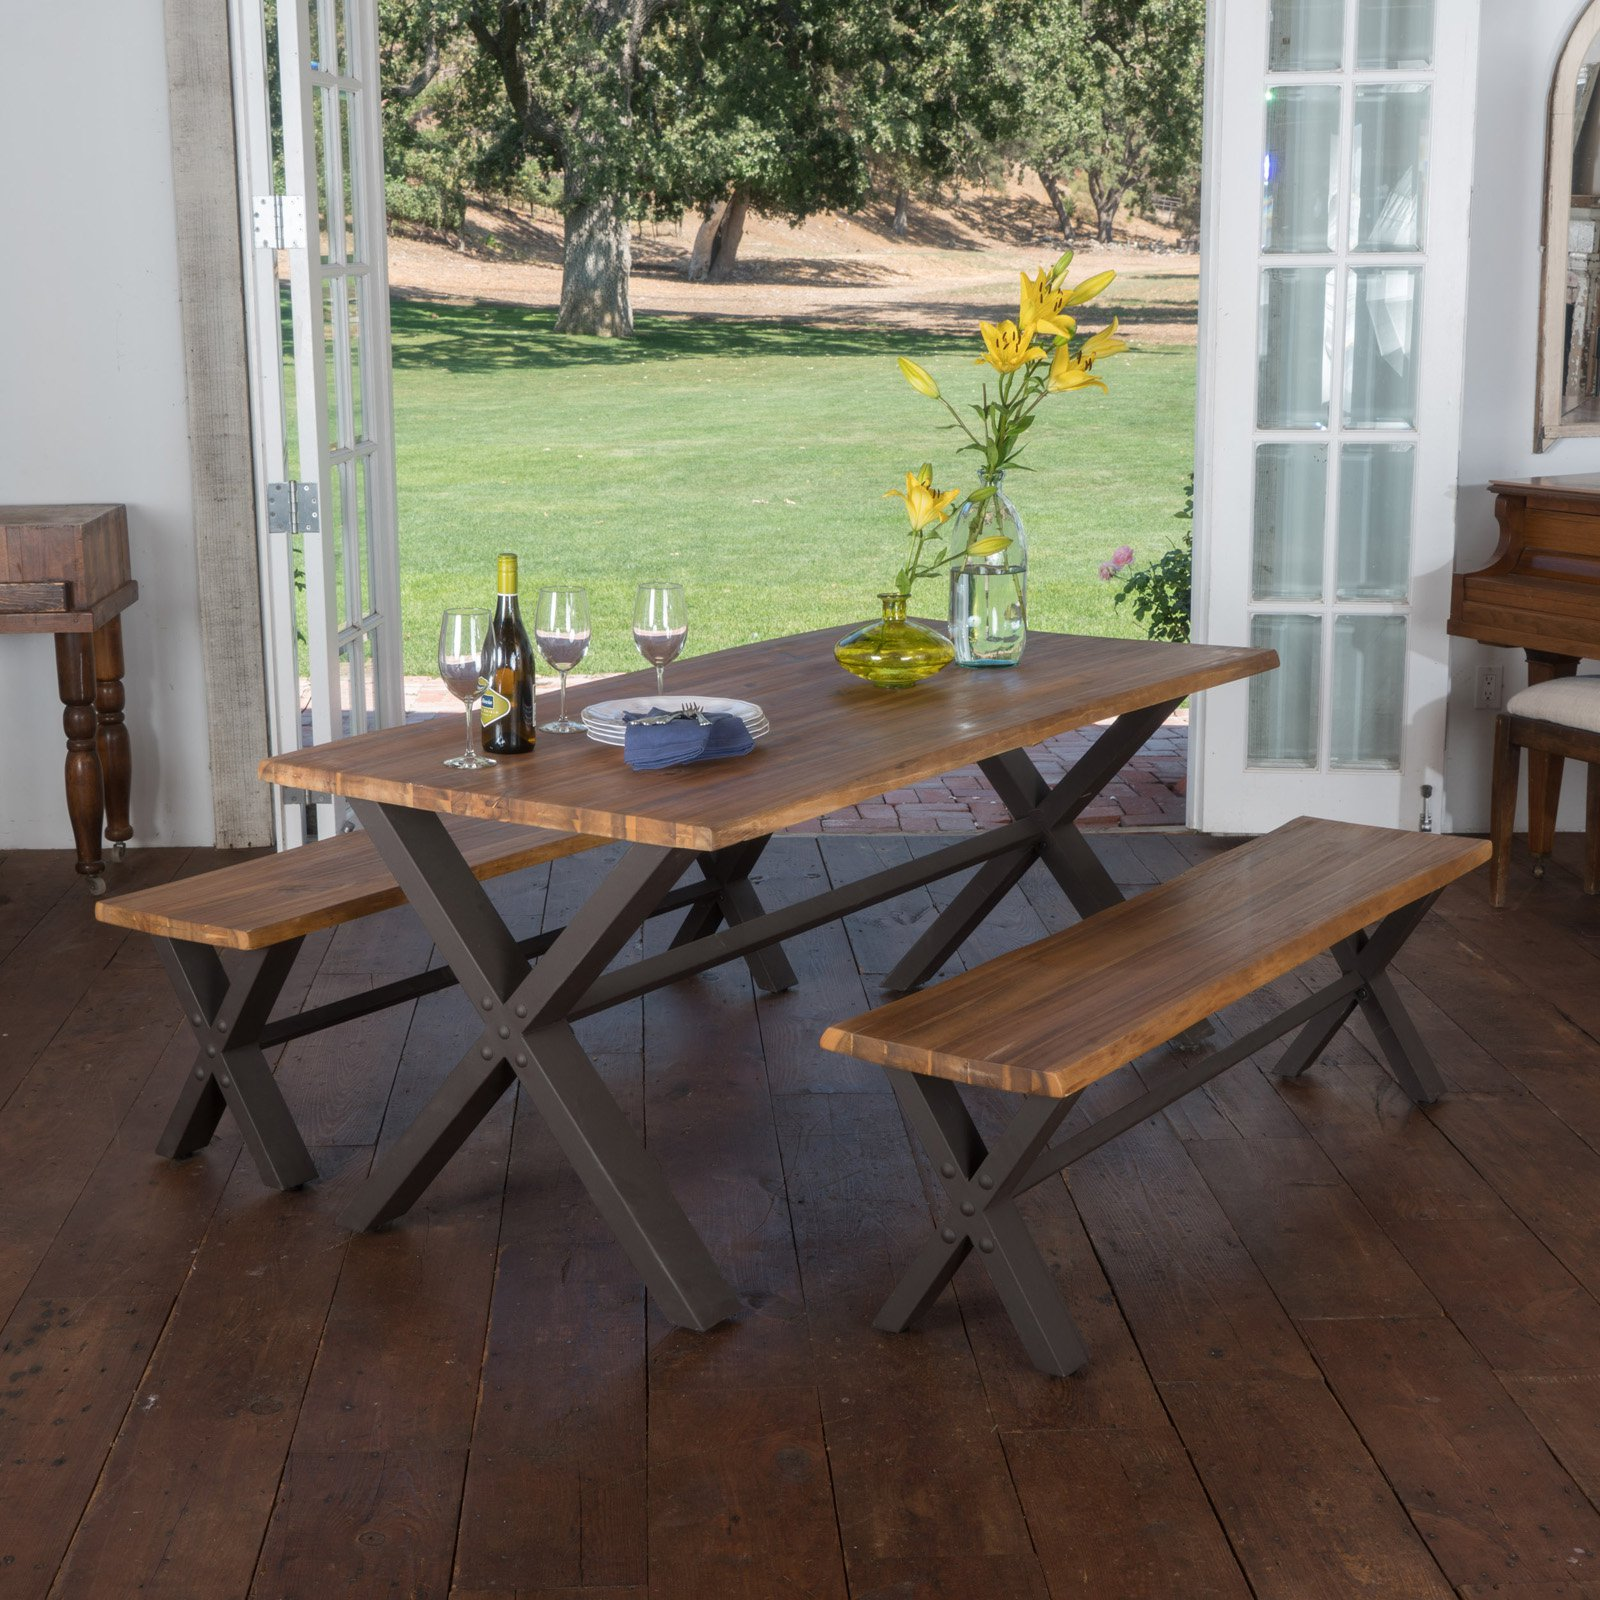 Yumandale Teak Finish Acacia Wood 3 Piece Dining Set